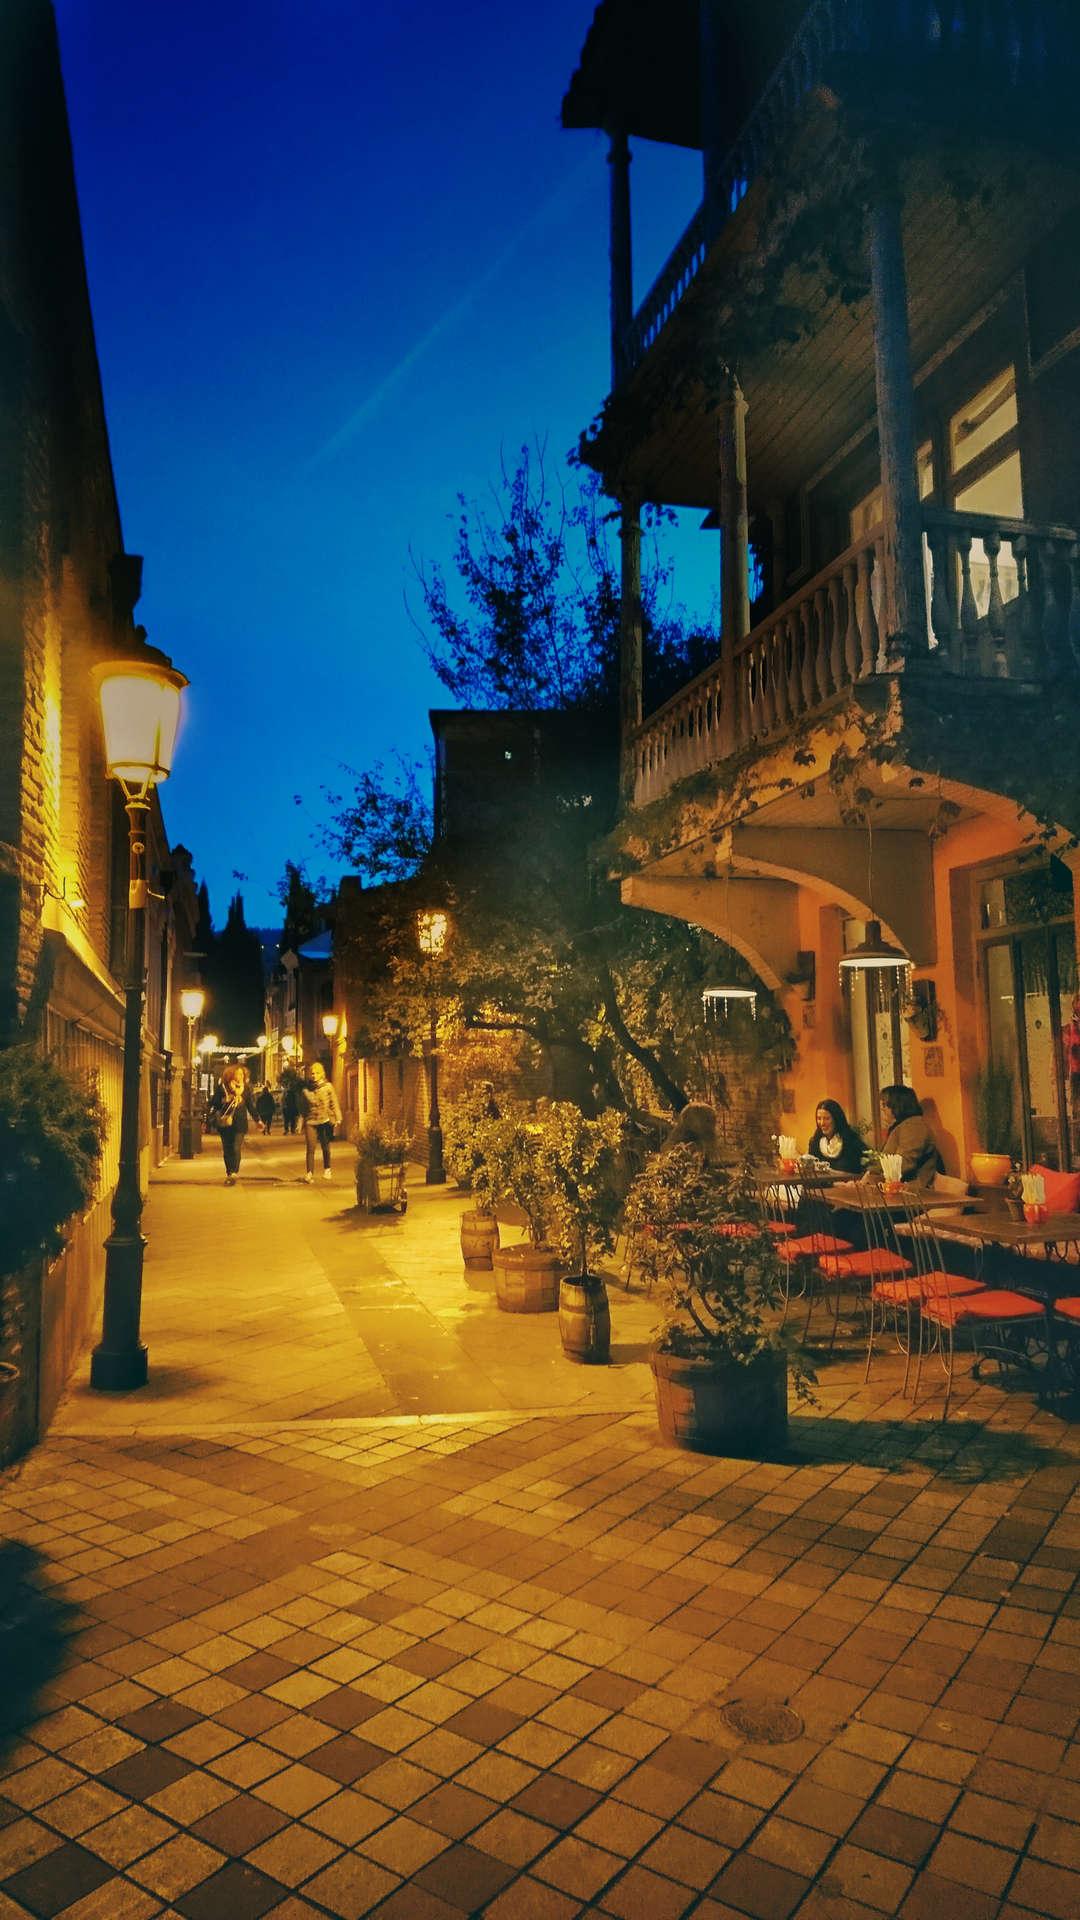 Zwiedzanie Tbilisi - tbilisi klimatyczna uliczka